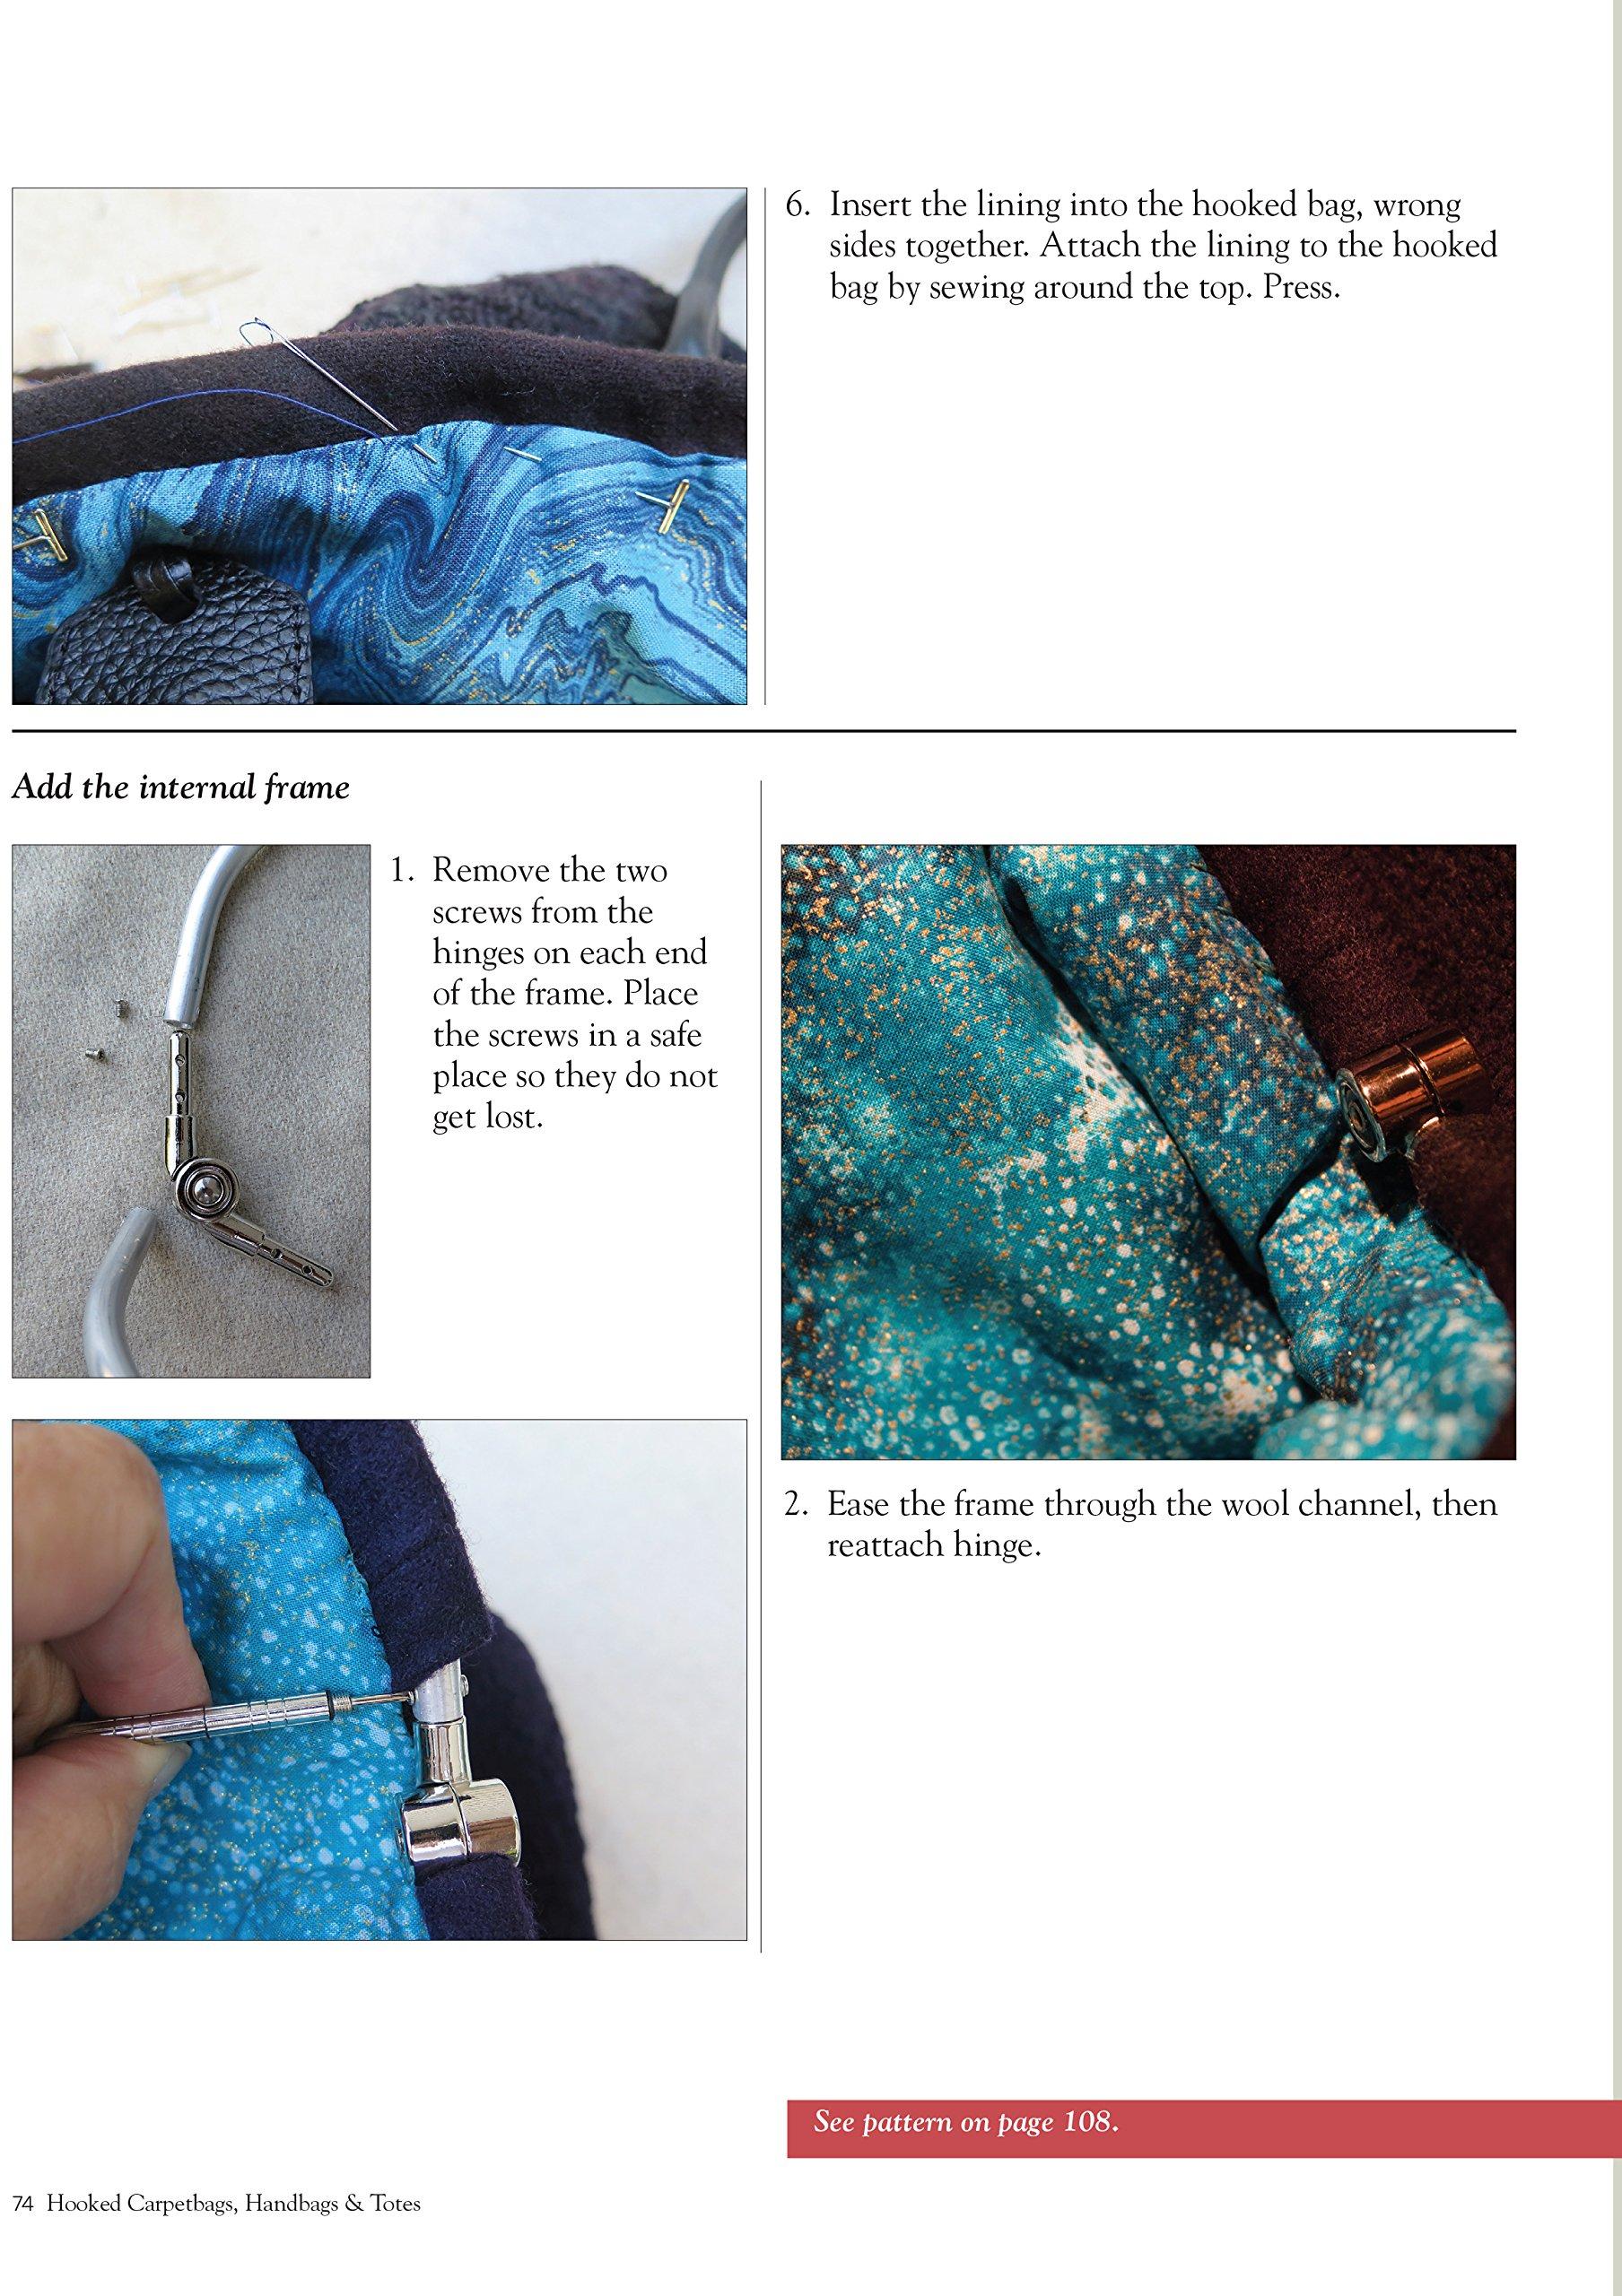 Hooked Carpetbags, Handbags & Totes